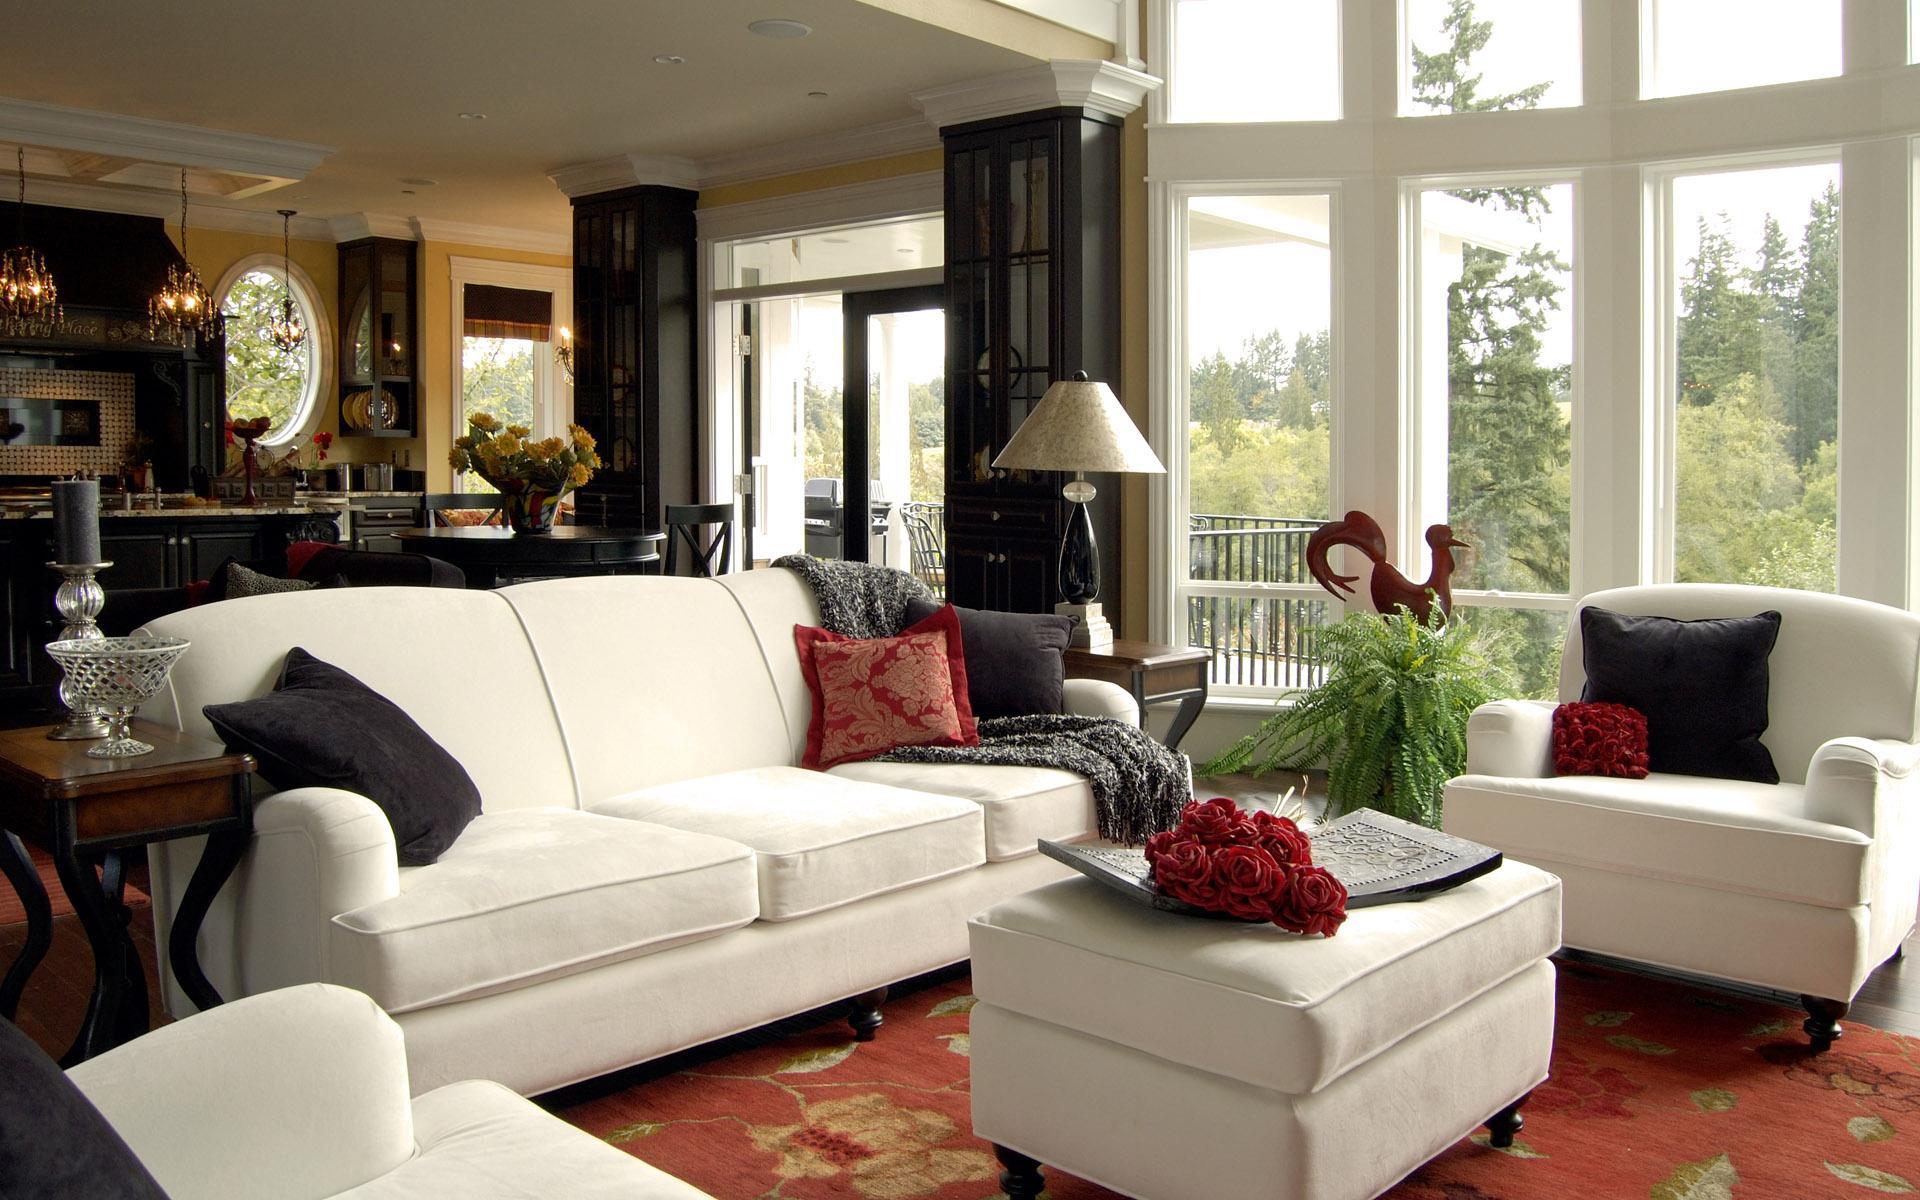 mājīgs skaists viesistabas dizains